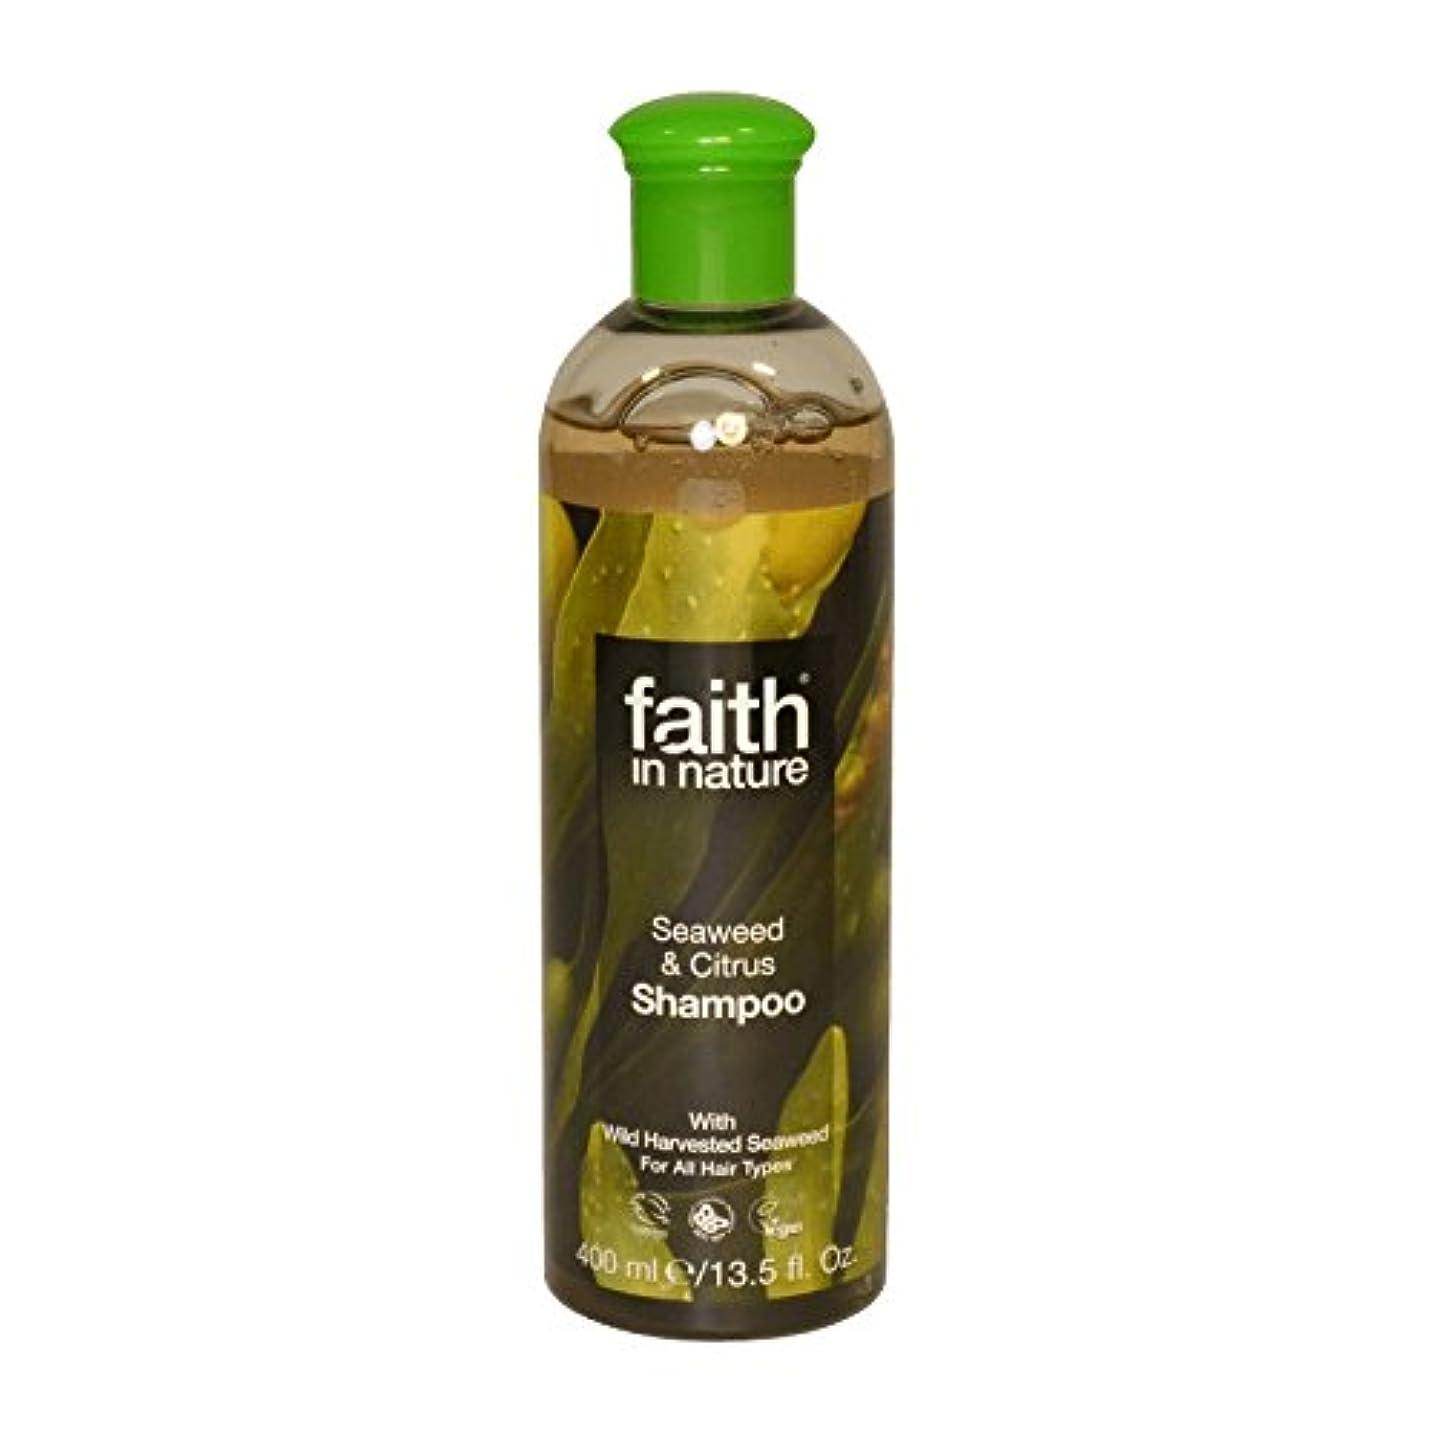 拘束エラーファイバ自然の海藻&シトラスシャンプー400ミリリットルの信仰 - Faith in Nature Seaweed & Citrus Shampoo 400ml (Faith in Nature) [並行輸入品]